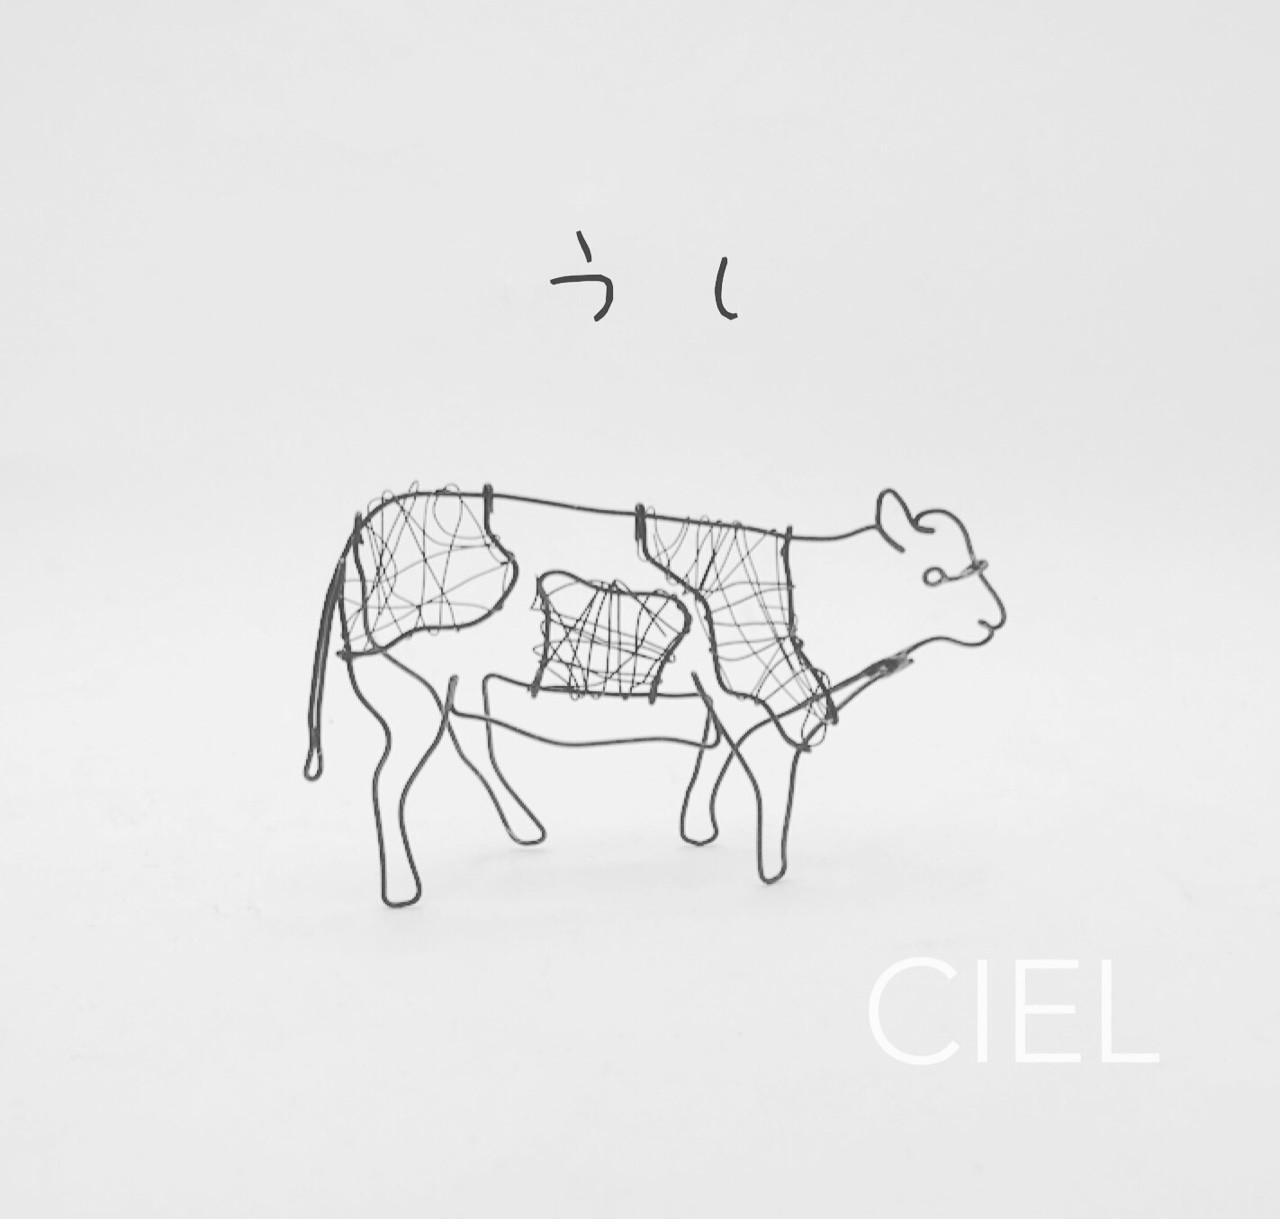 #wire #wirework #wireart #Ciel_wire #牛 #動物 #ホルスタイン  ミルクチョコレートに牛が書いてあって、牛可愛い!と思って作ってみました。